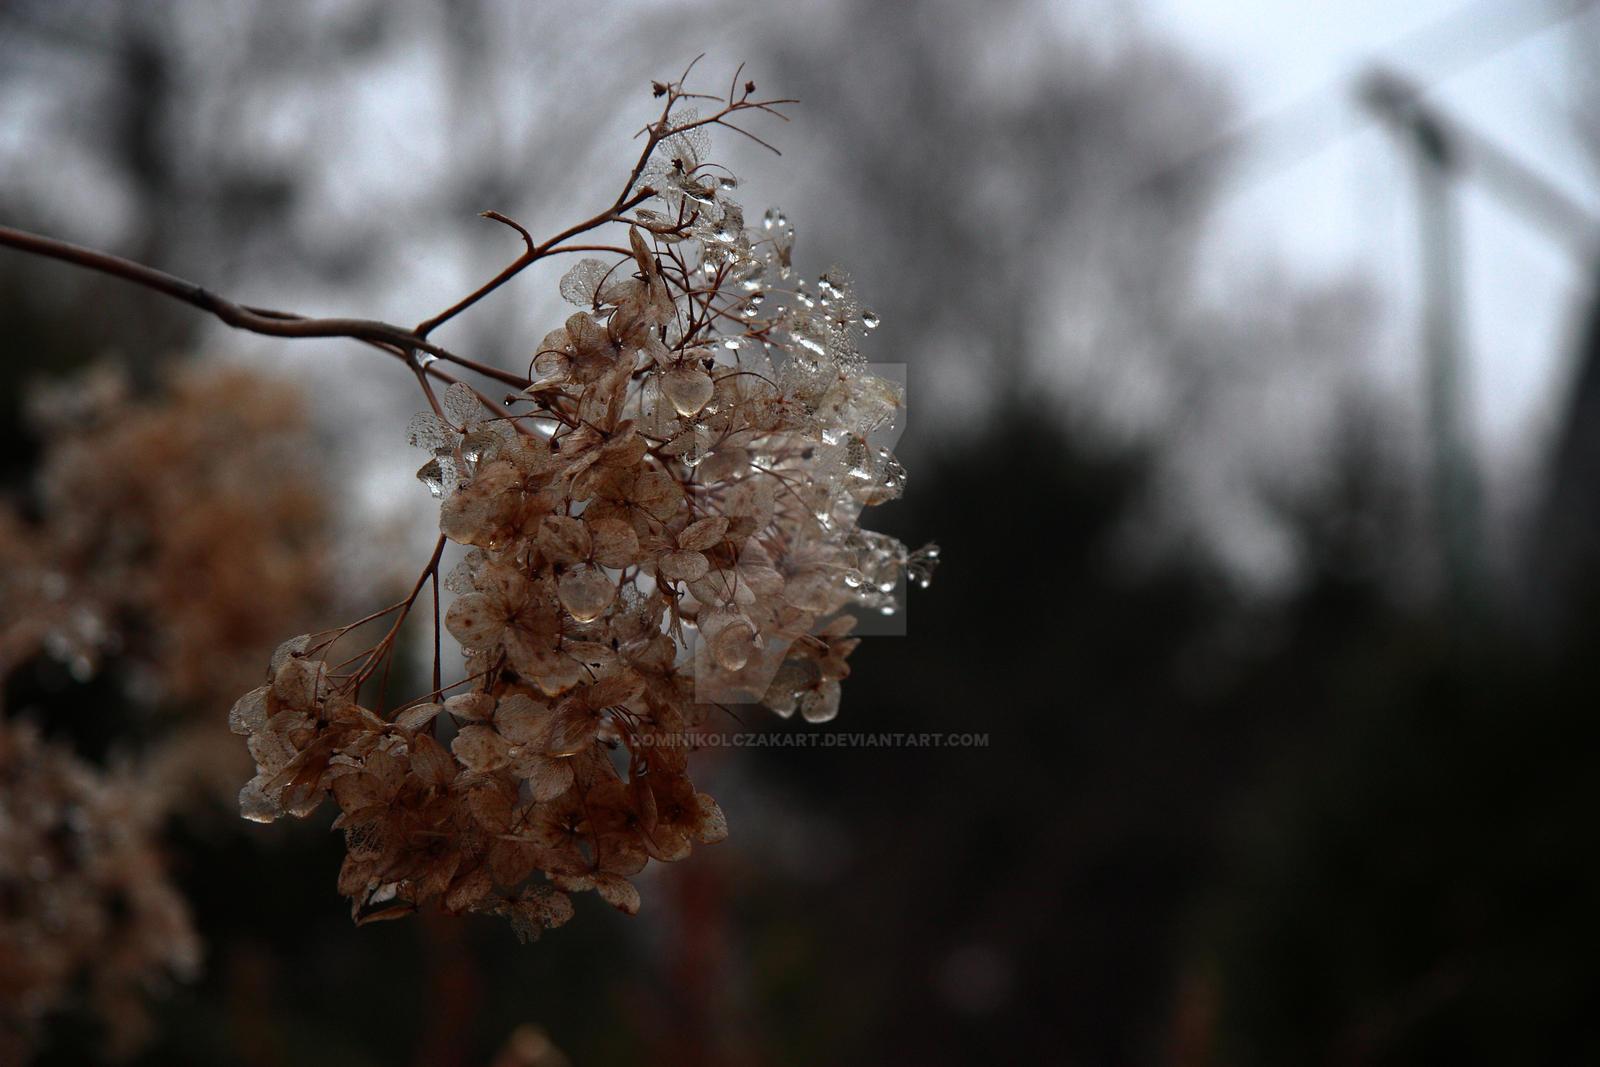 DominikOlczakArt Dead Flowers In Rain Drops By